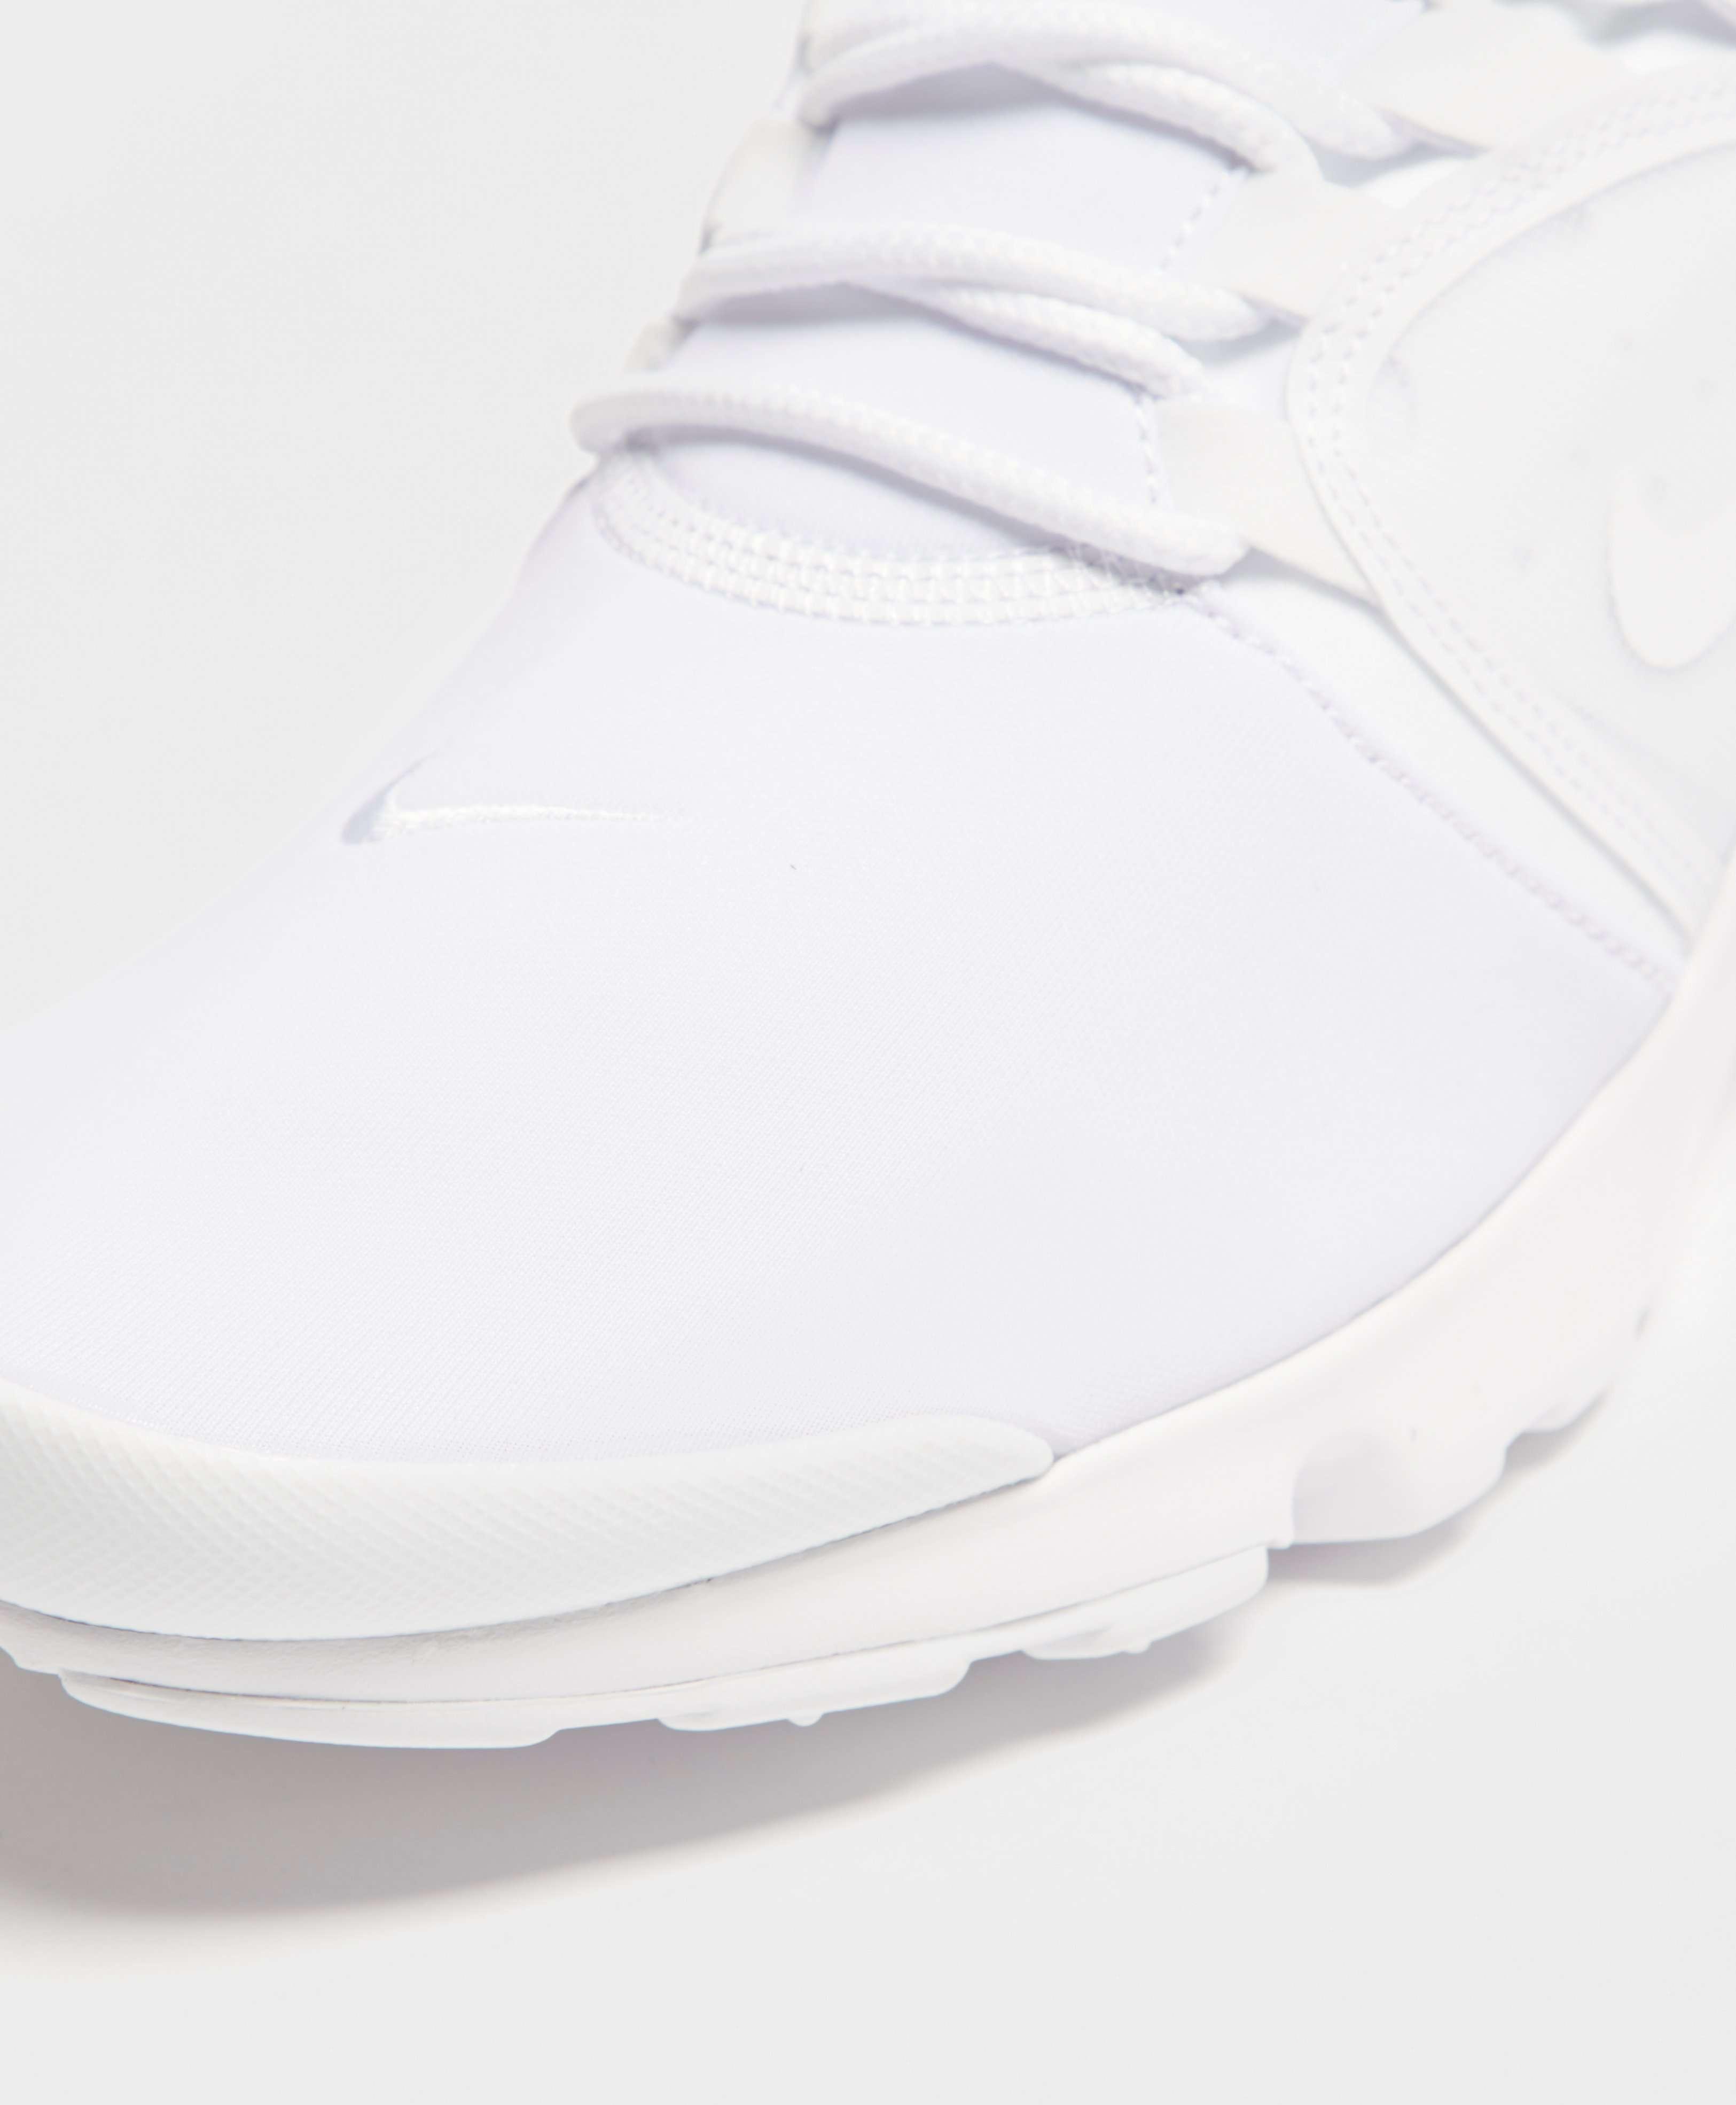 Nike Presto Fly World